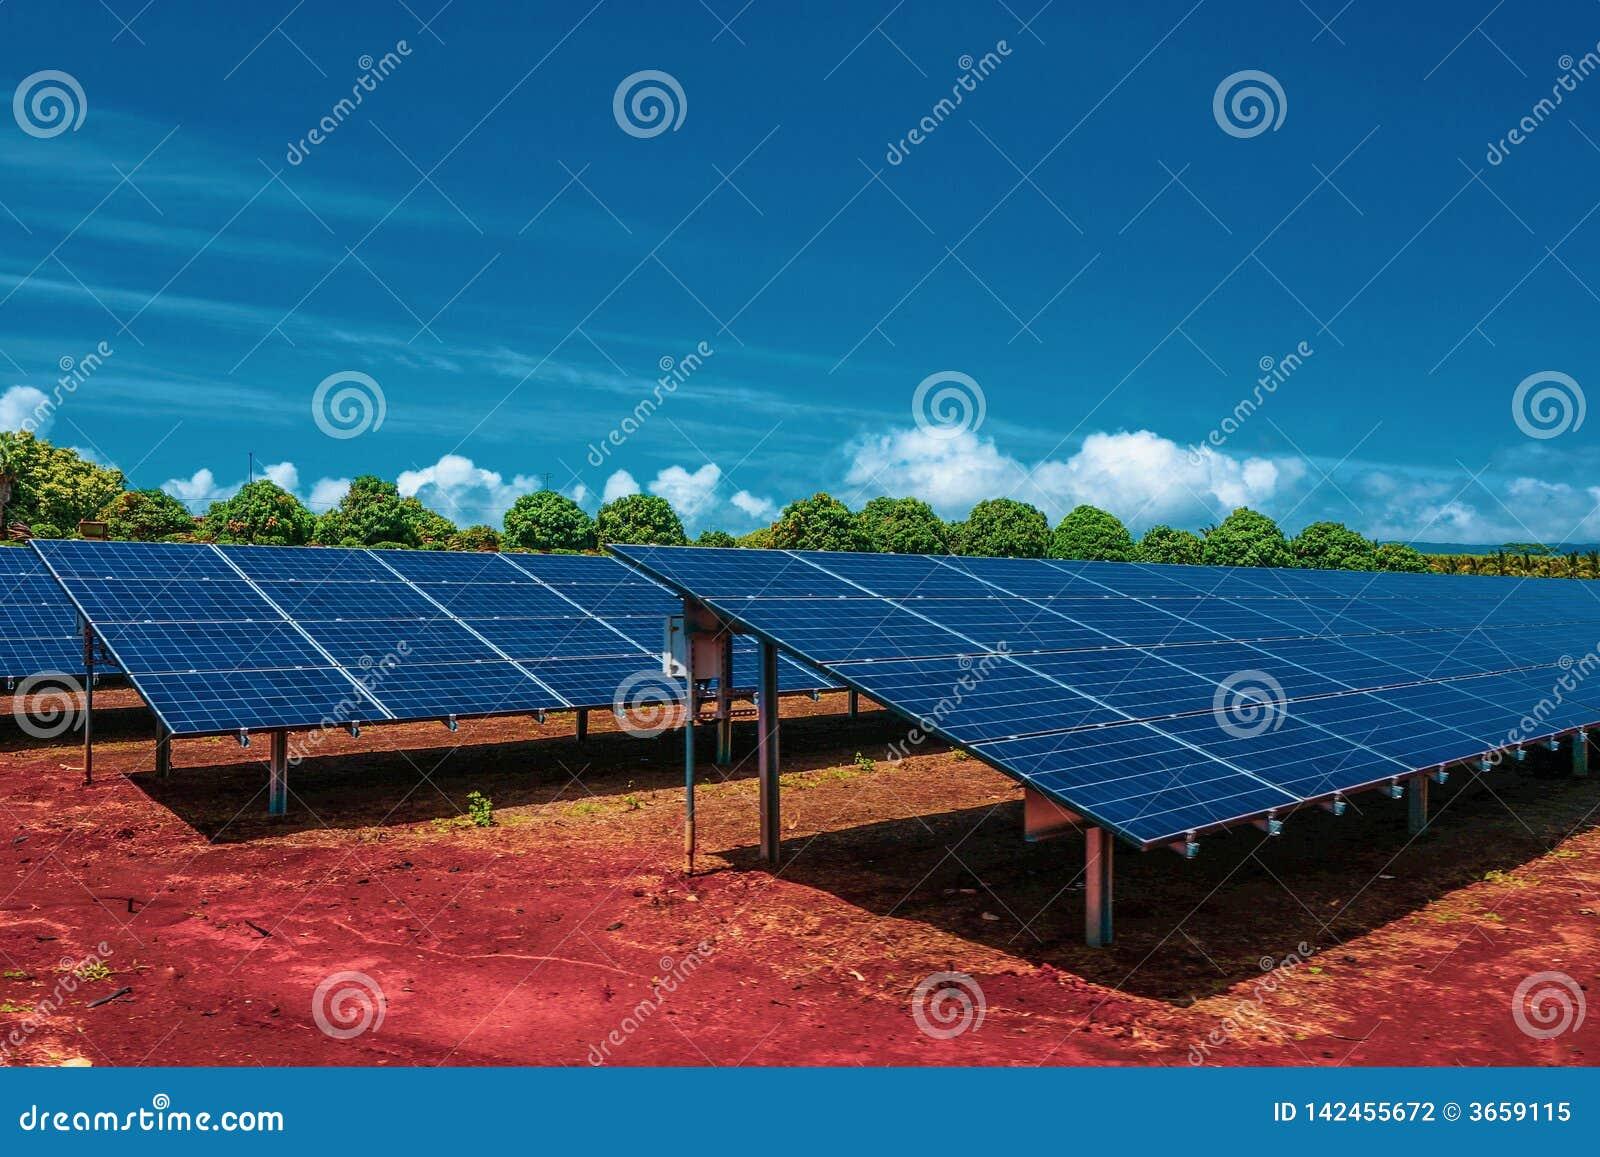 Painéis solares, photovoltaics, fonte de energia alternativa, estando na terra vermelha com o céu azul brilhante e as árvores ver